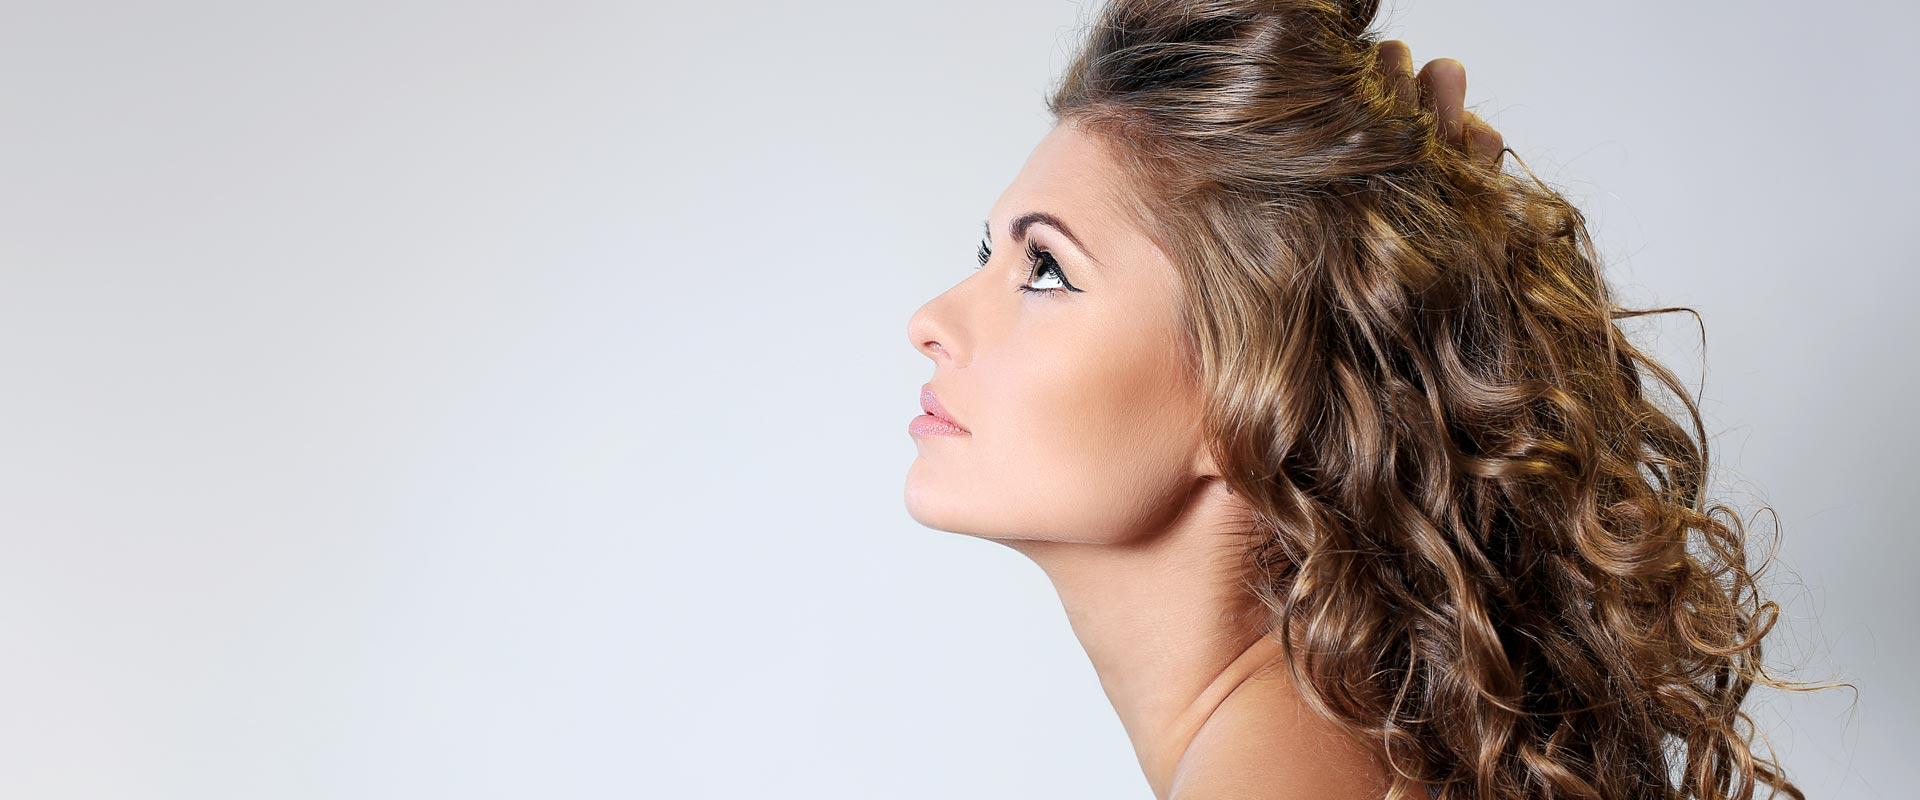 Az egészséges haj alapja az egészséges fejbőr.